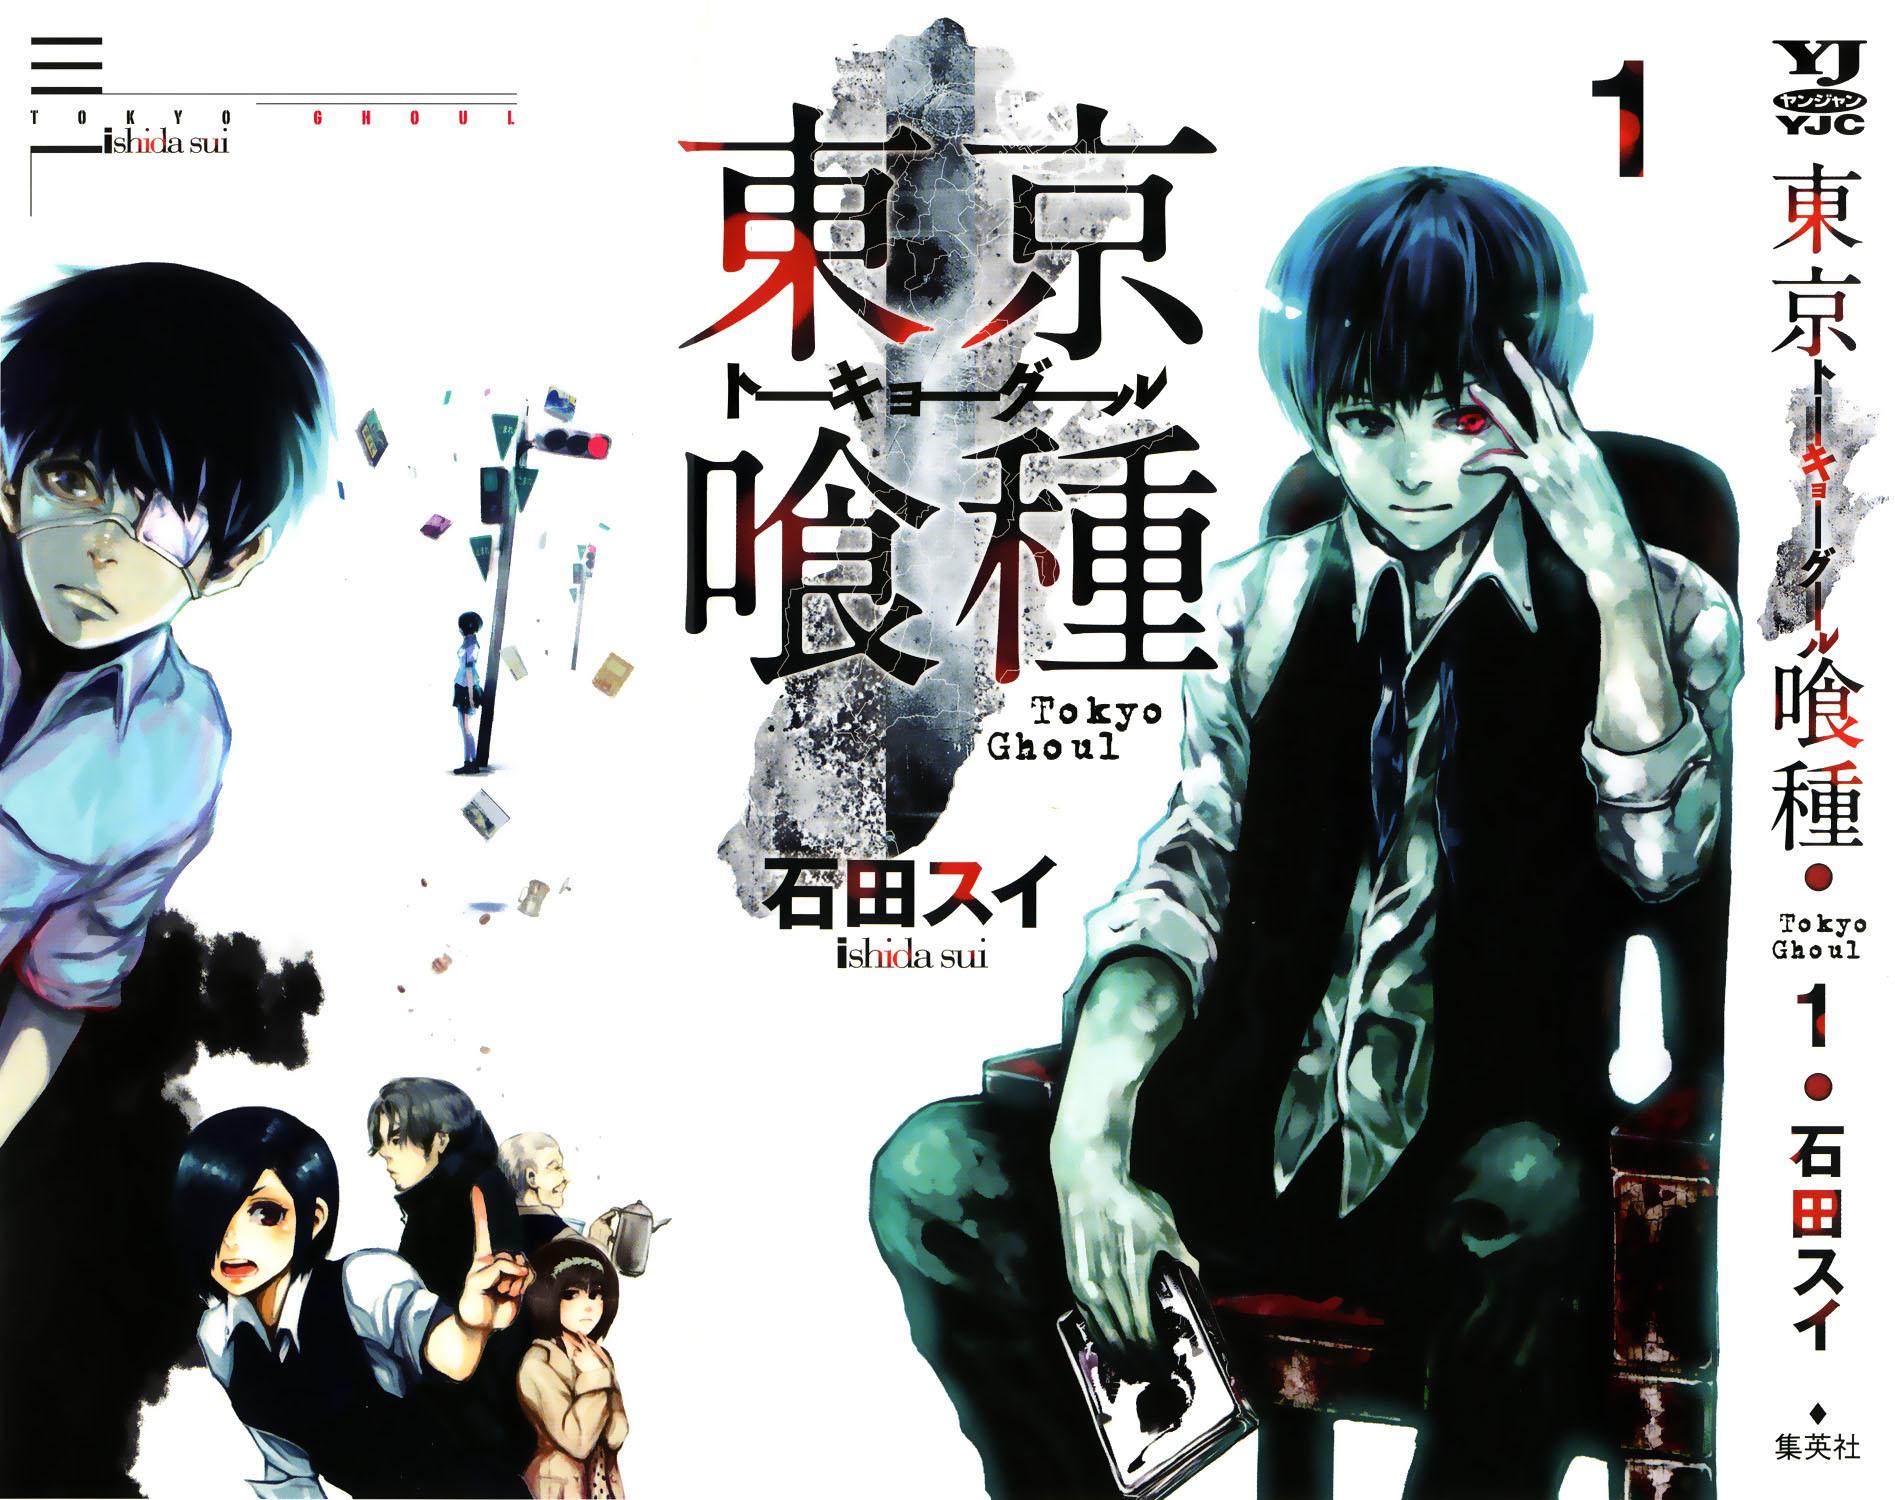 Tokyo Ghoul é um dos mangás que serão lançados digitalmente pela Panini.